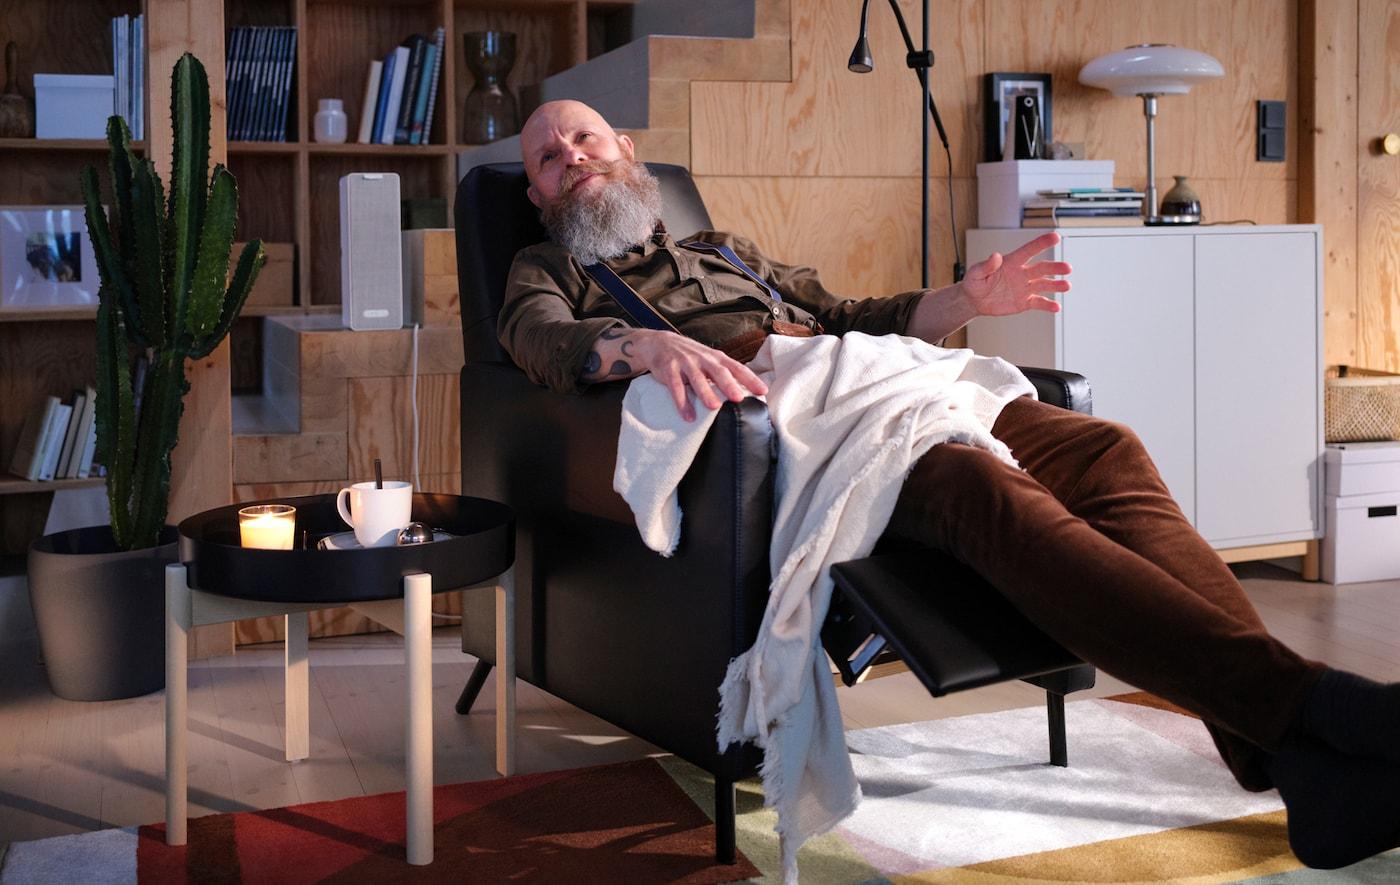 Un homme est assis dans un fauteuil inclinable GISTAD noir avec un plaid sur les genoux et il écoute de la musique provenant d'une enceinte WiFi SYMFONISK blanche.